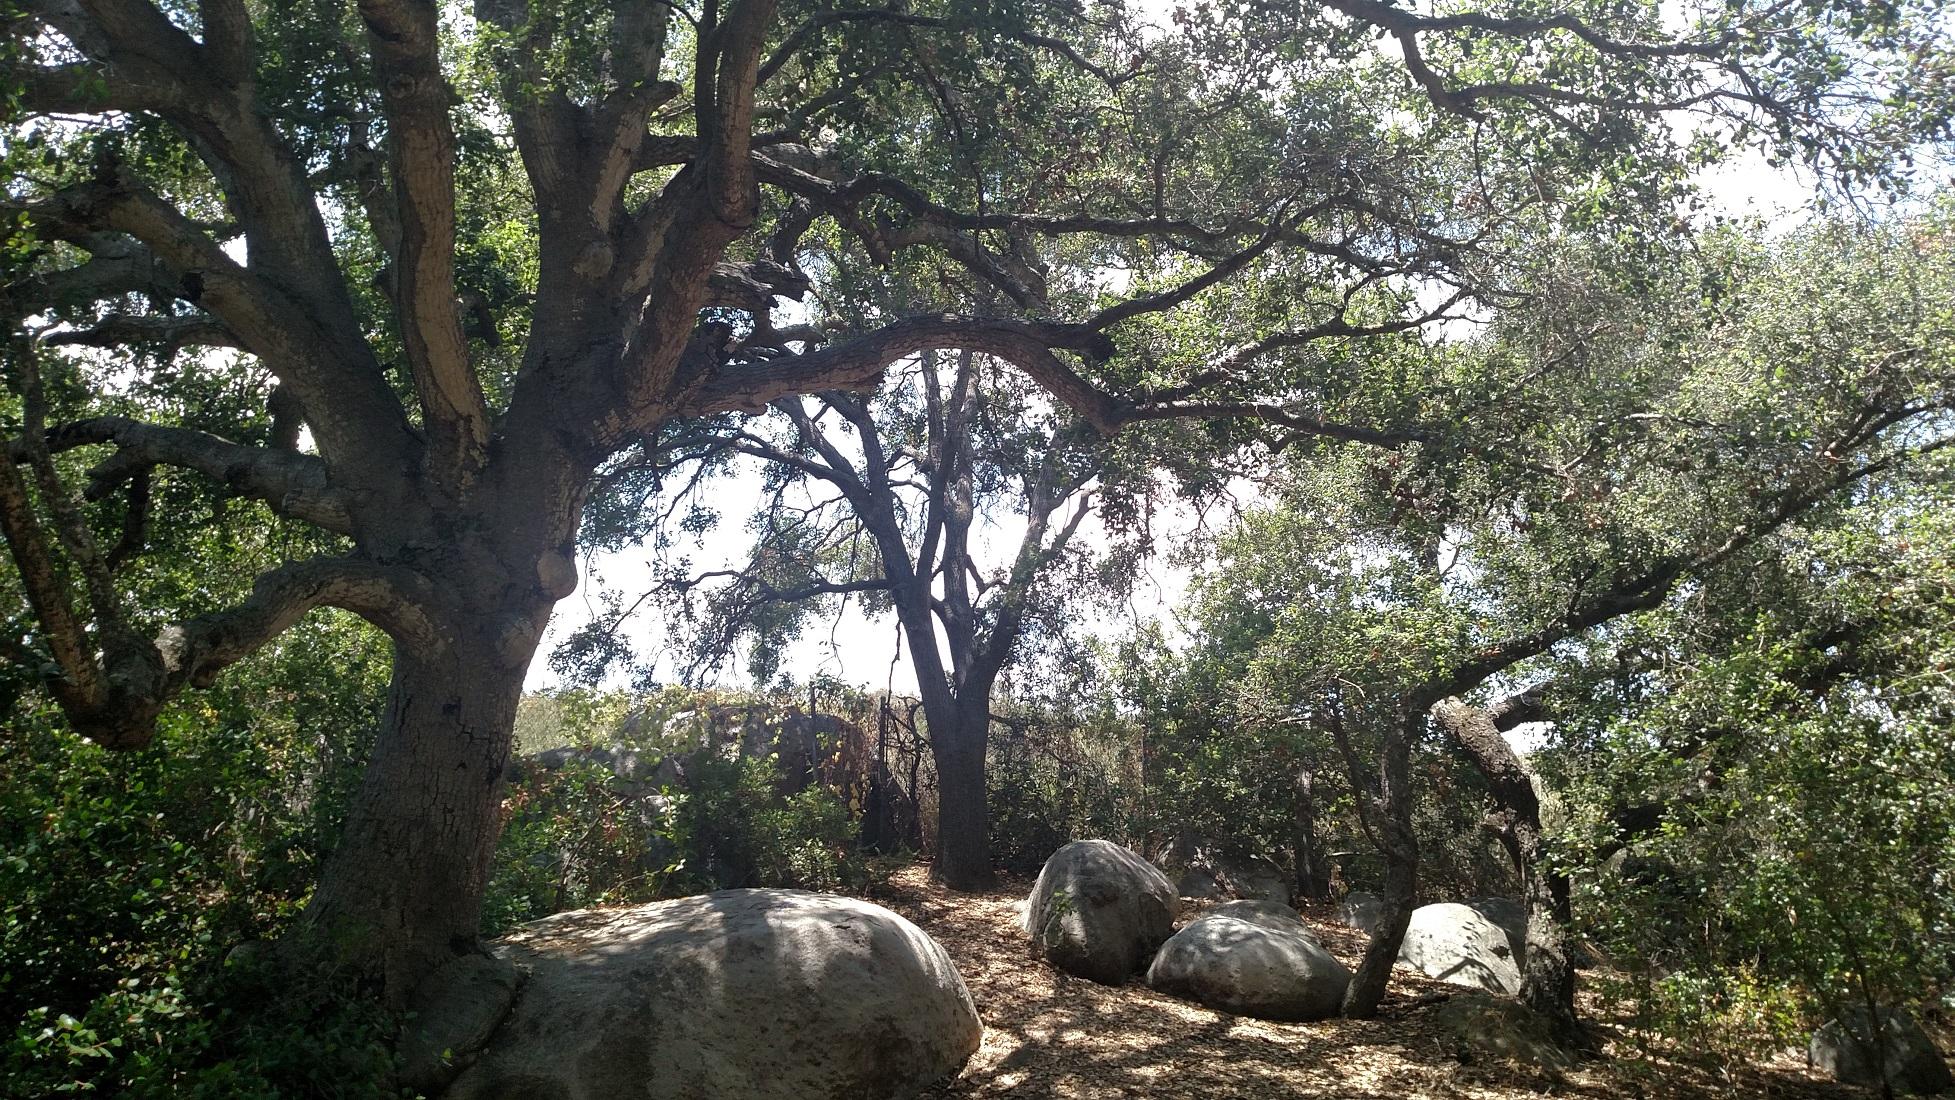 Buena Vista Park, San Diego County, CA